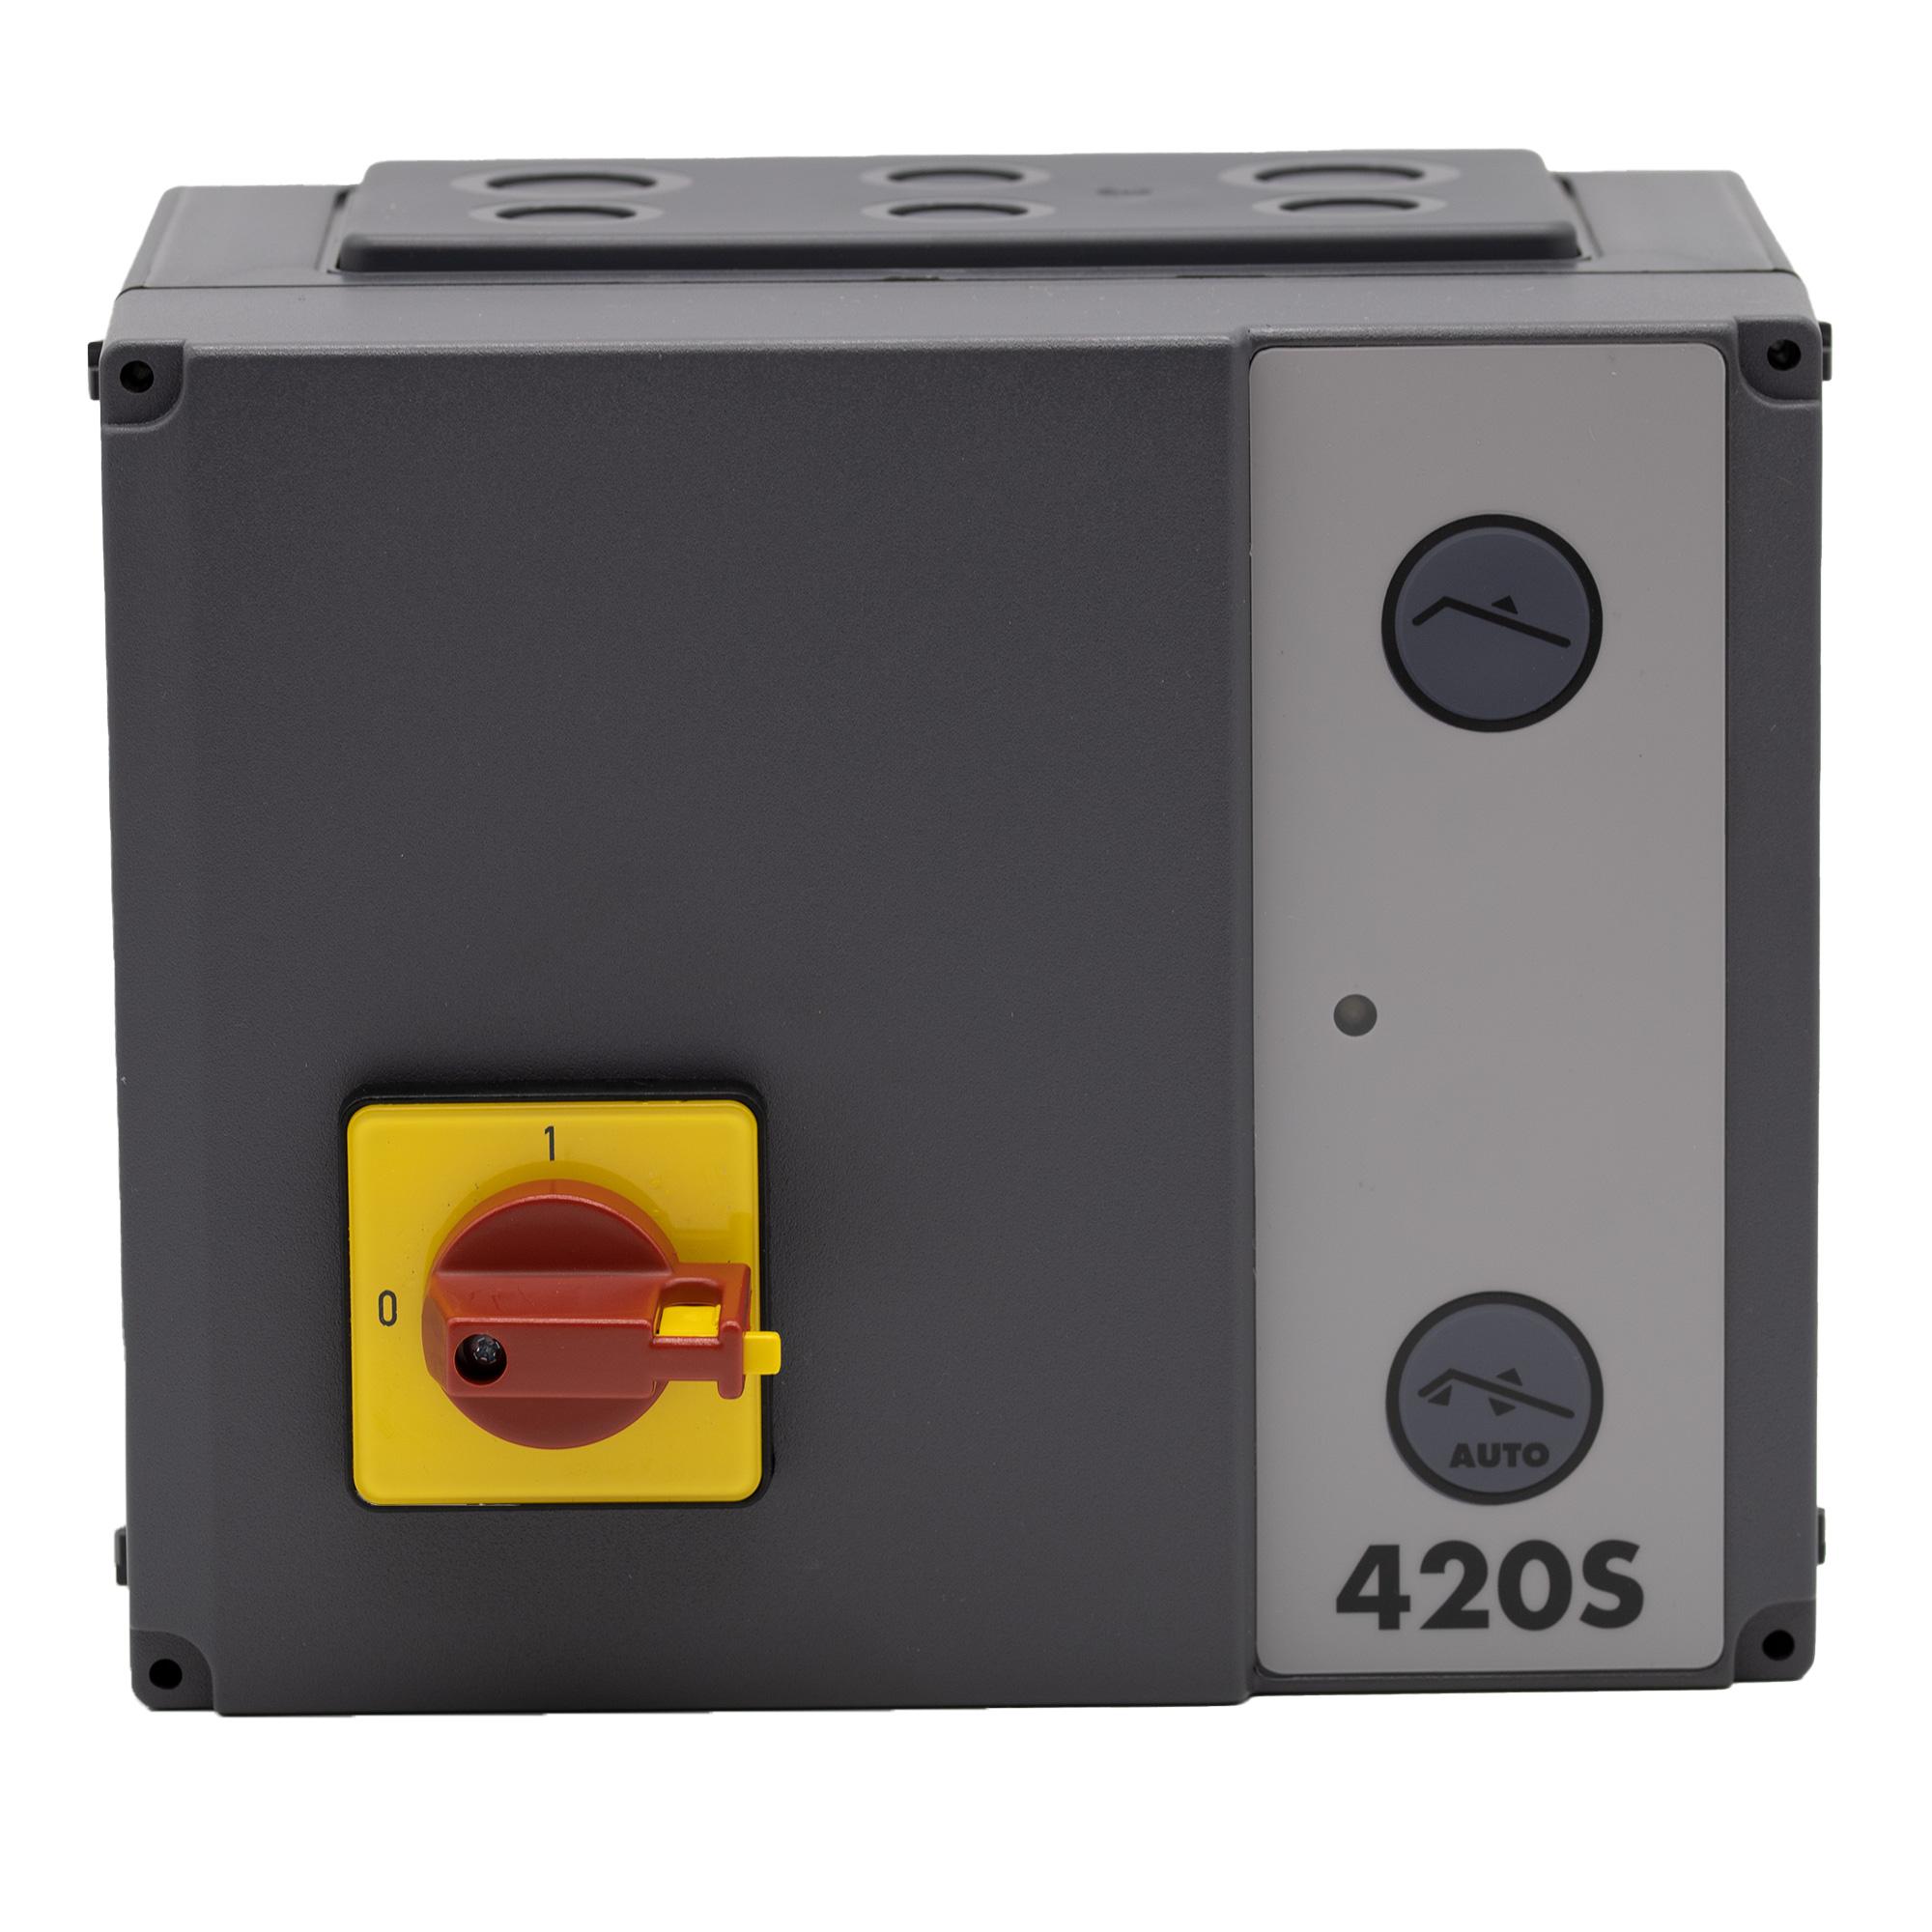 Hörmann Steuerung 420 S energiesparend mit Hauptschalter